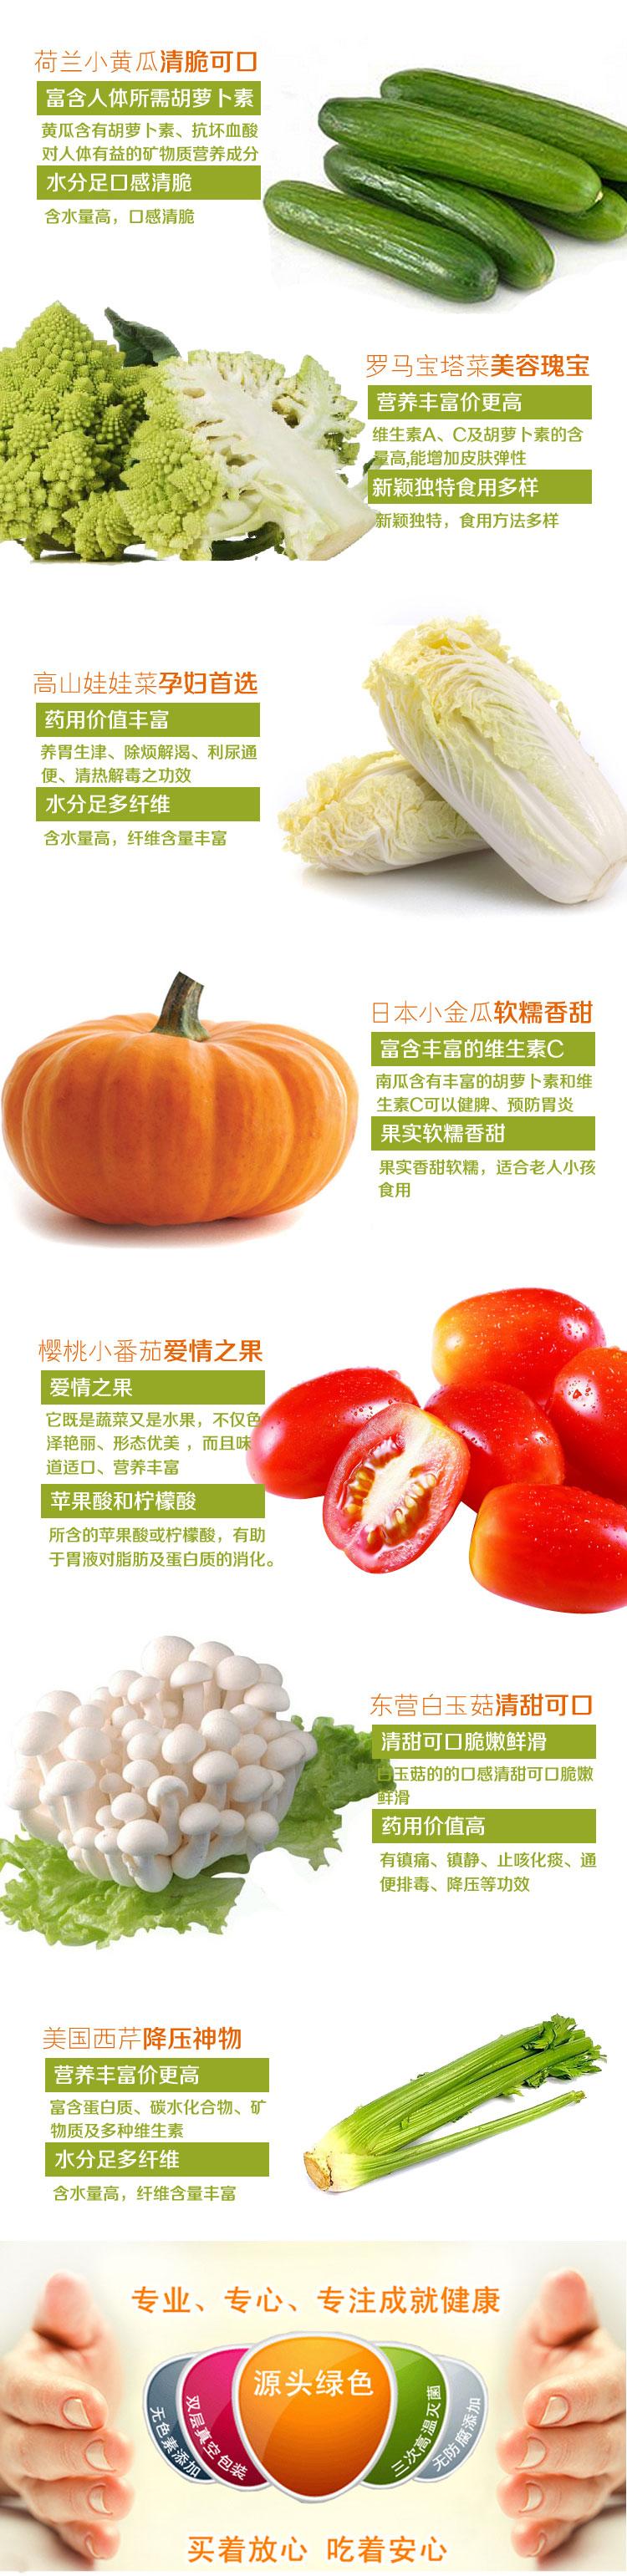 蔬菜1副本_02